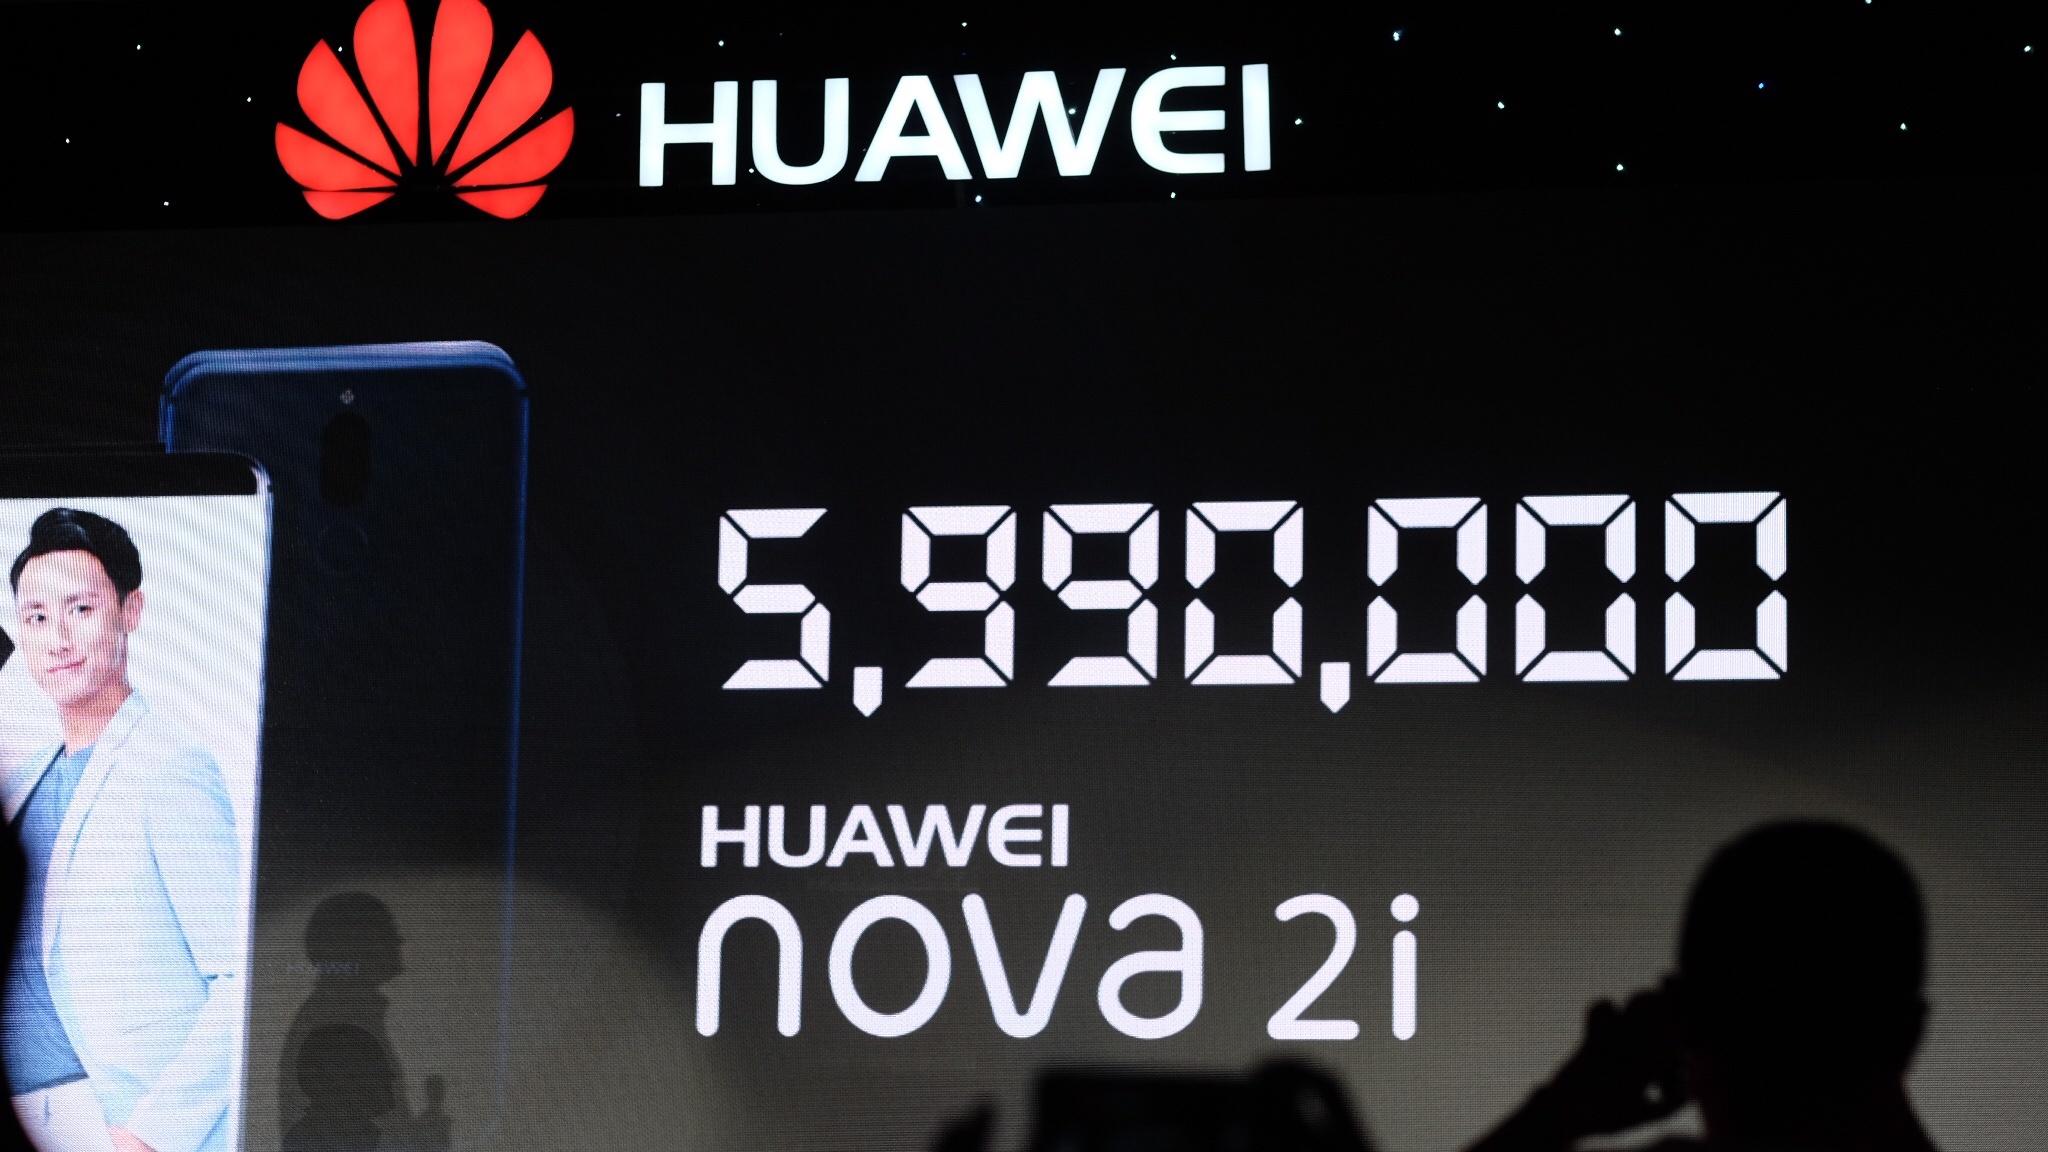 Huawei ra mat smartphona Nova 2i anh 11